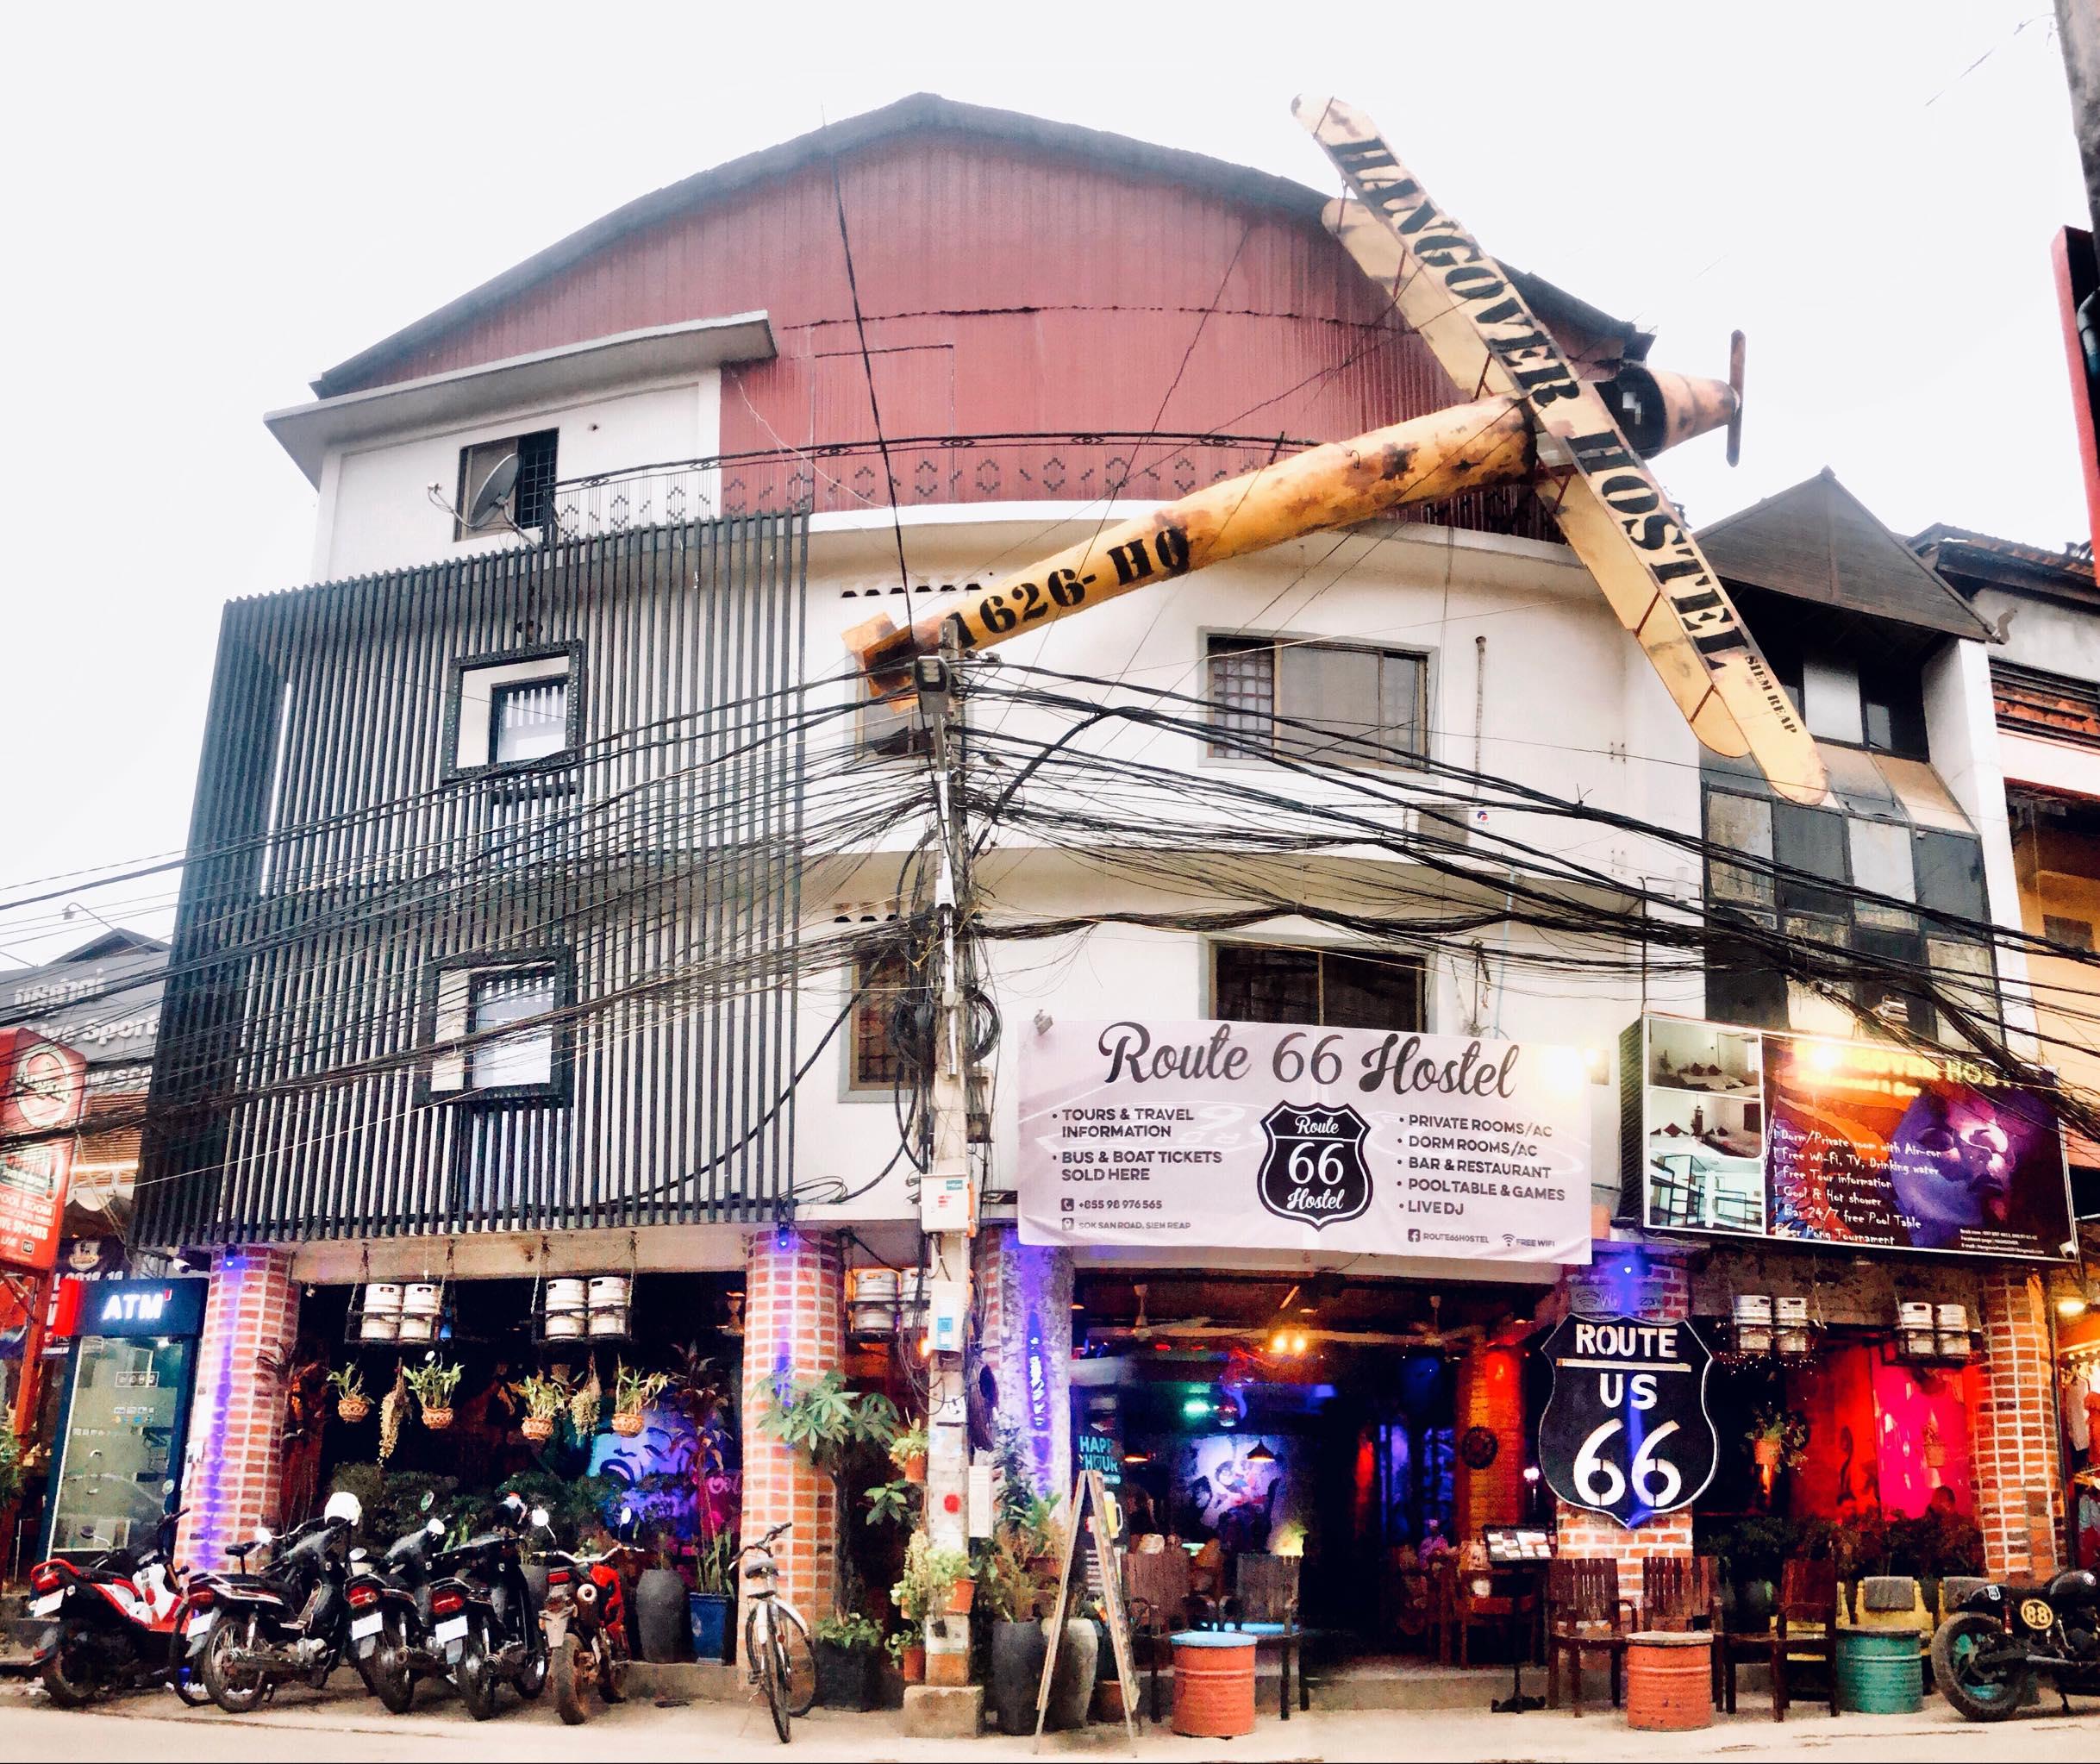 HOSTEL - Route 66 Hostel